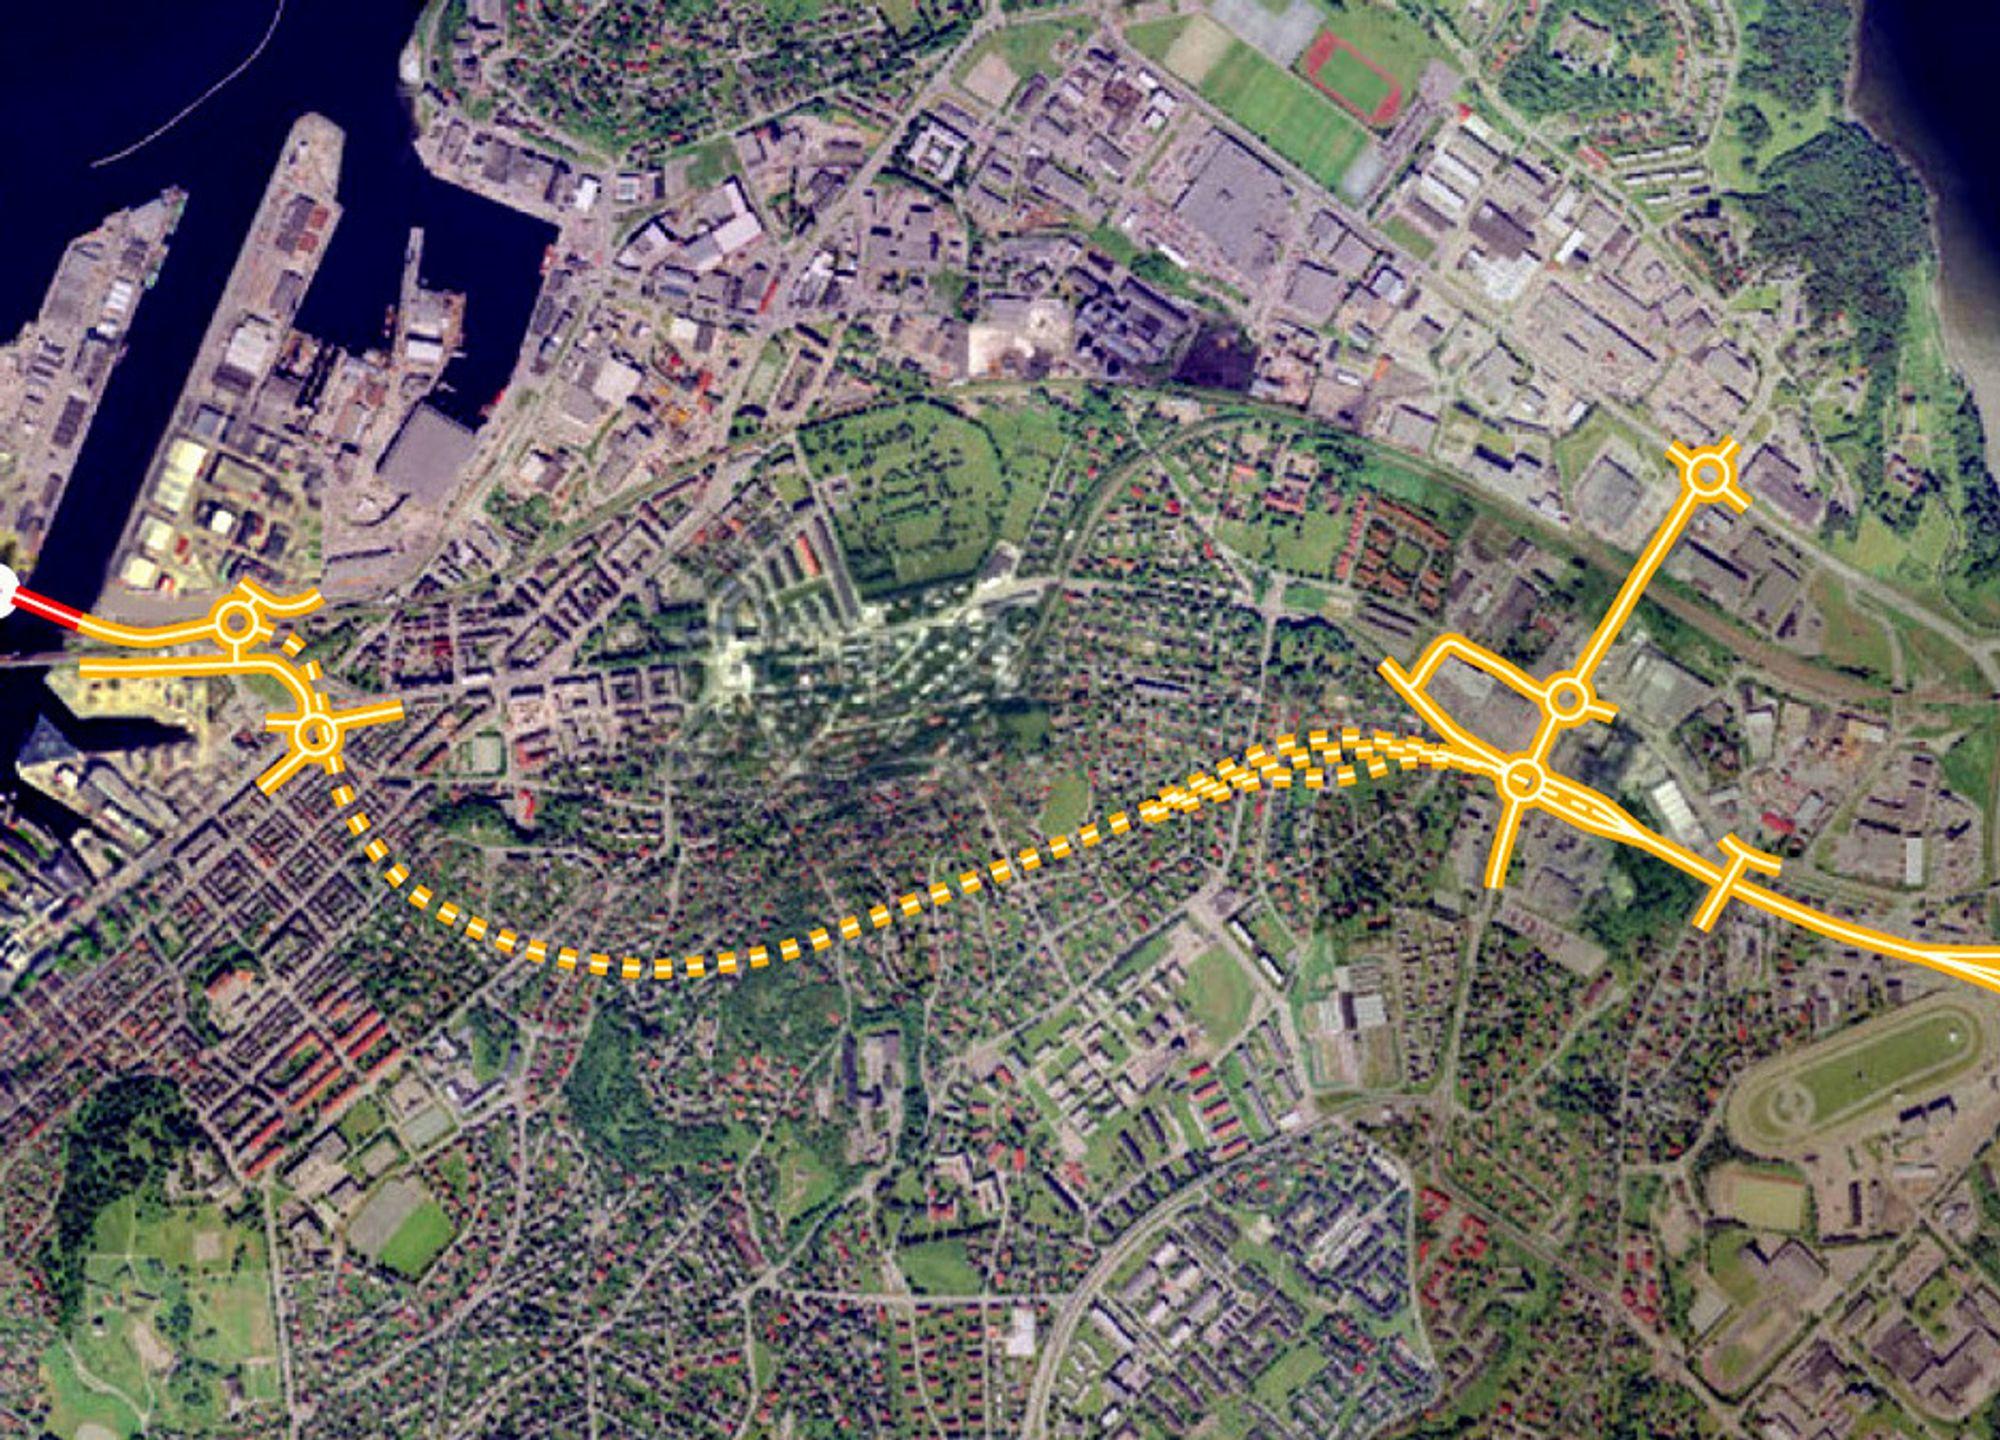 Driving av Strindheimtunnelen blir en krevende jobb. Den som vil ha den, må gi anbud innen 13. oktober. Tunnelen blir ikke åpnet for trafikk før i desember 2013.